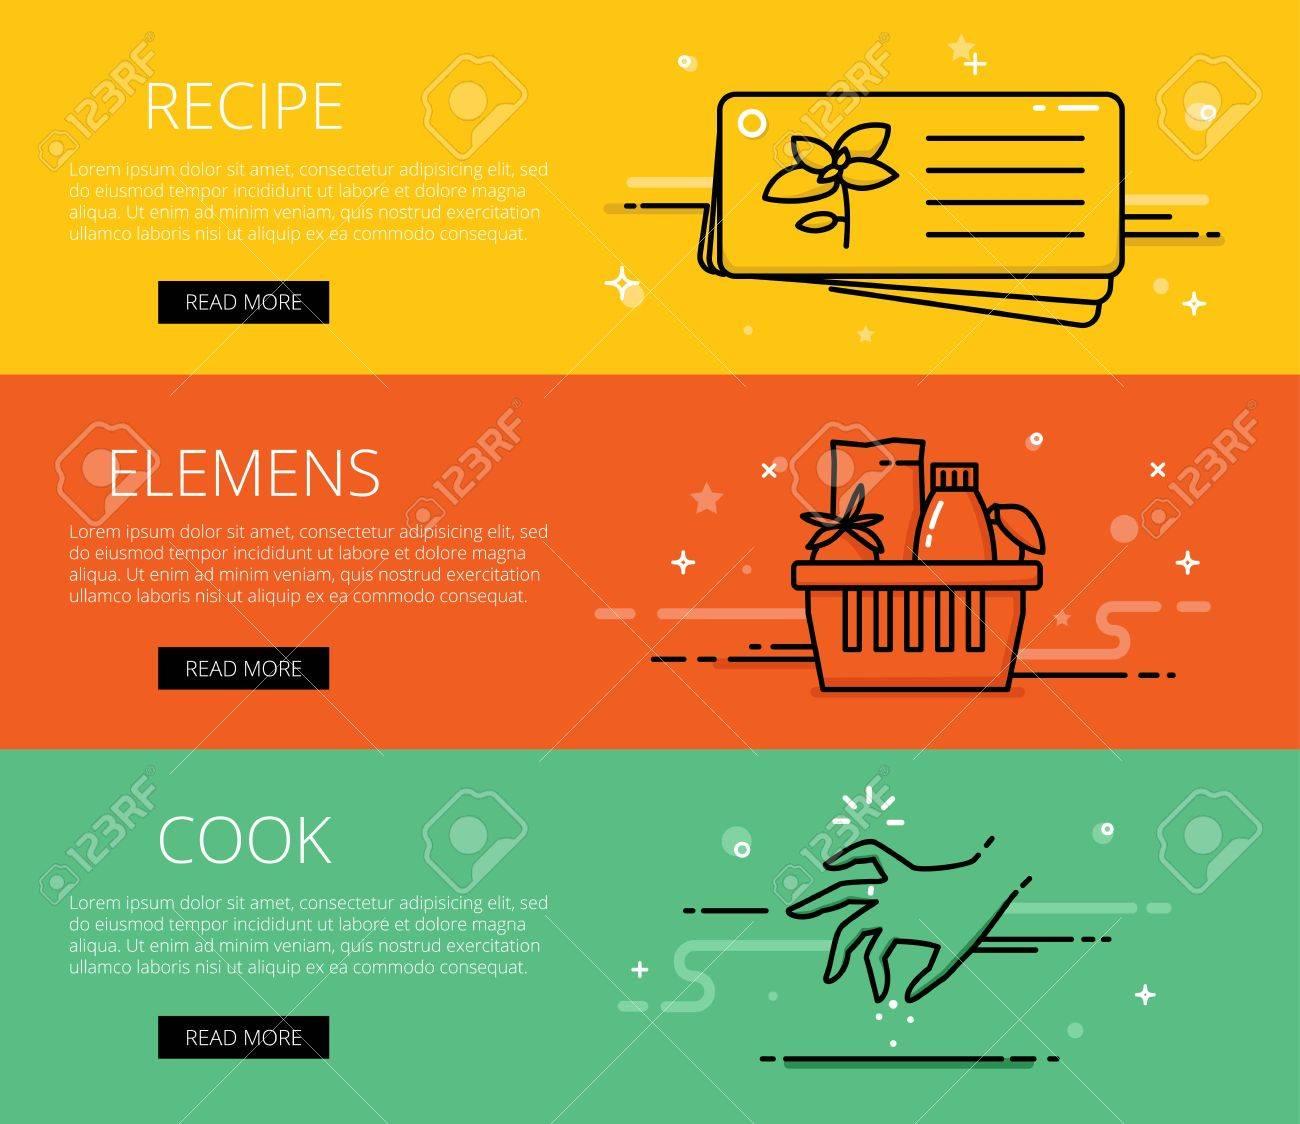 Lineales banderas cocina de web. recetas de línea, ingredientes, cocinar y  salazón de la mano. Diseño gráfico conjunto de banderas Ilustración de ...